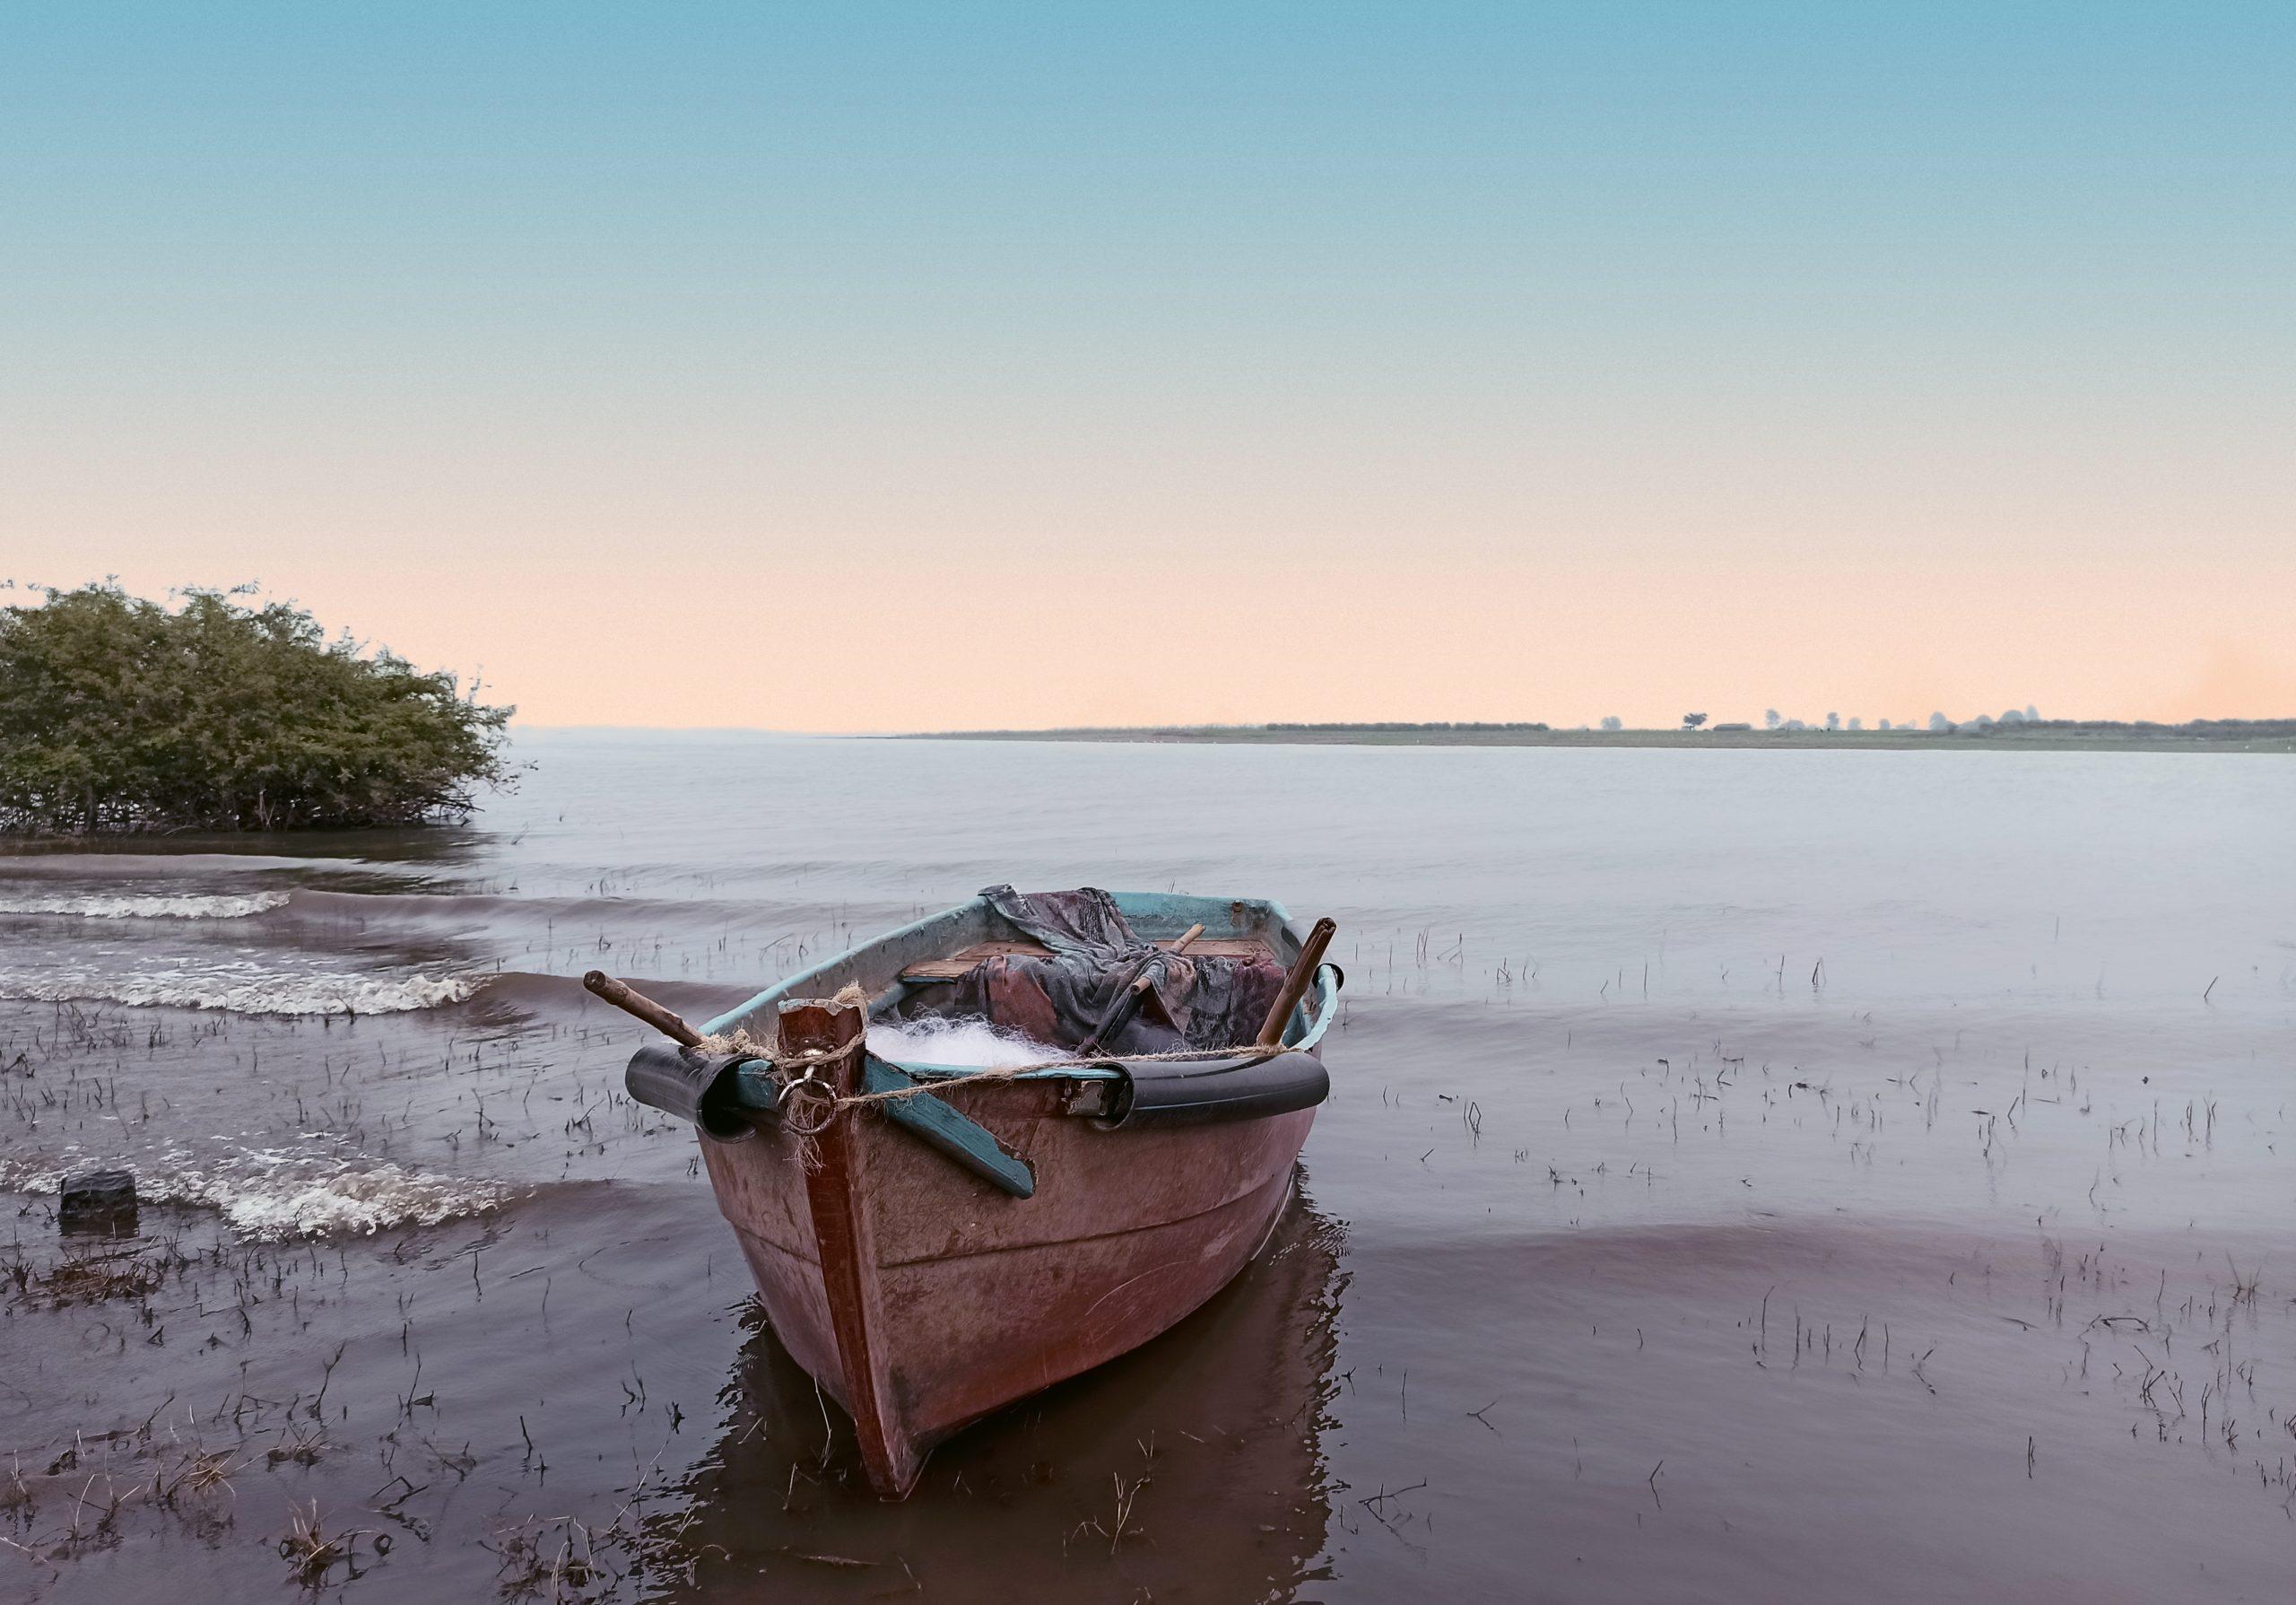 A boat at shore